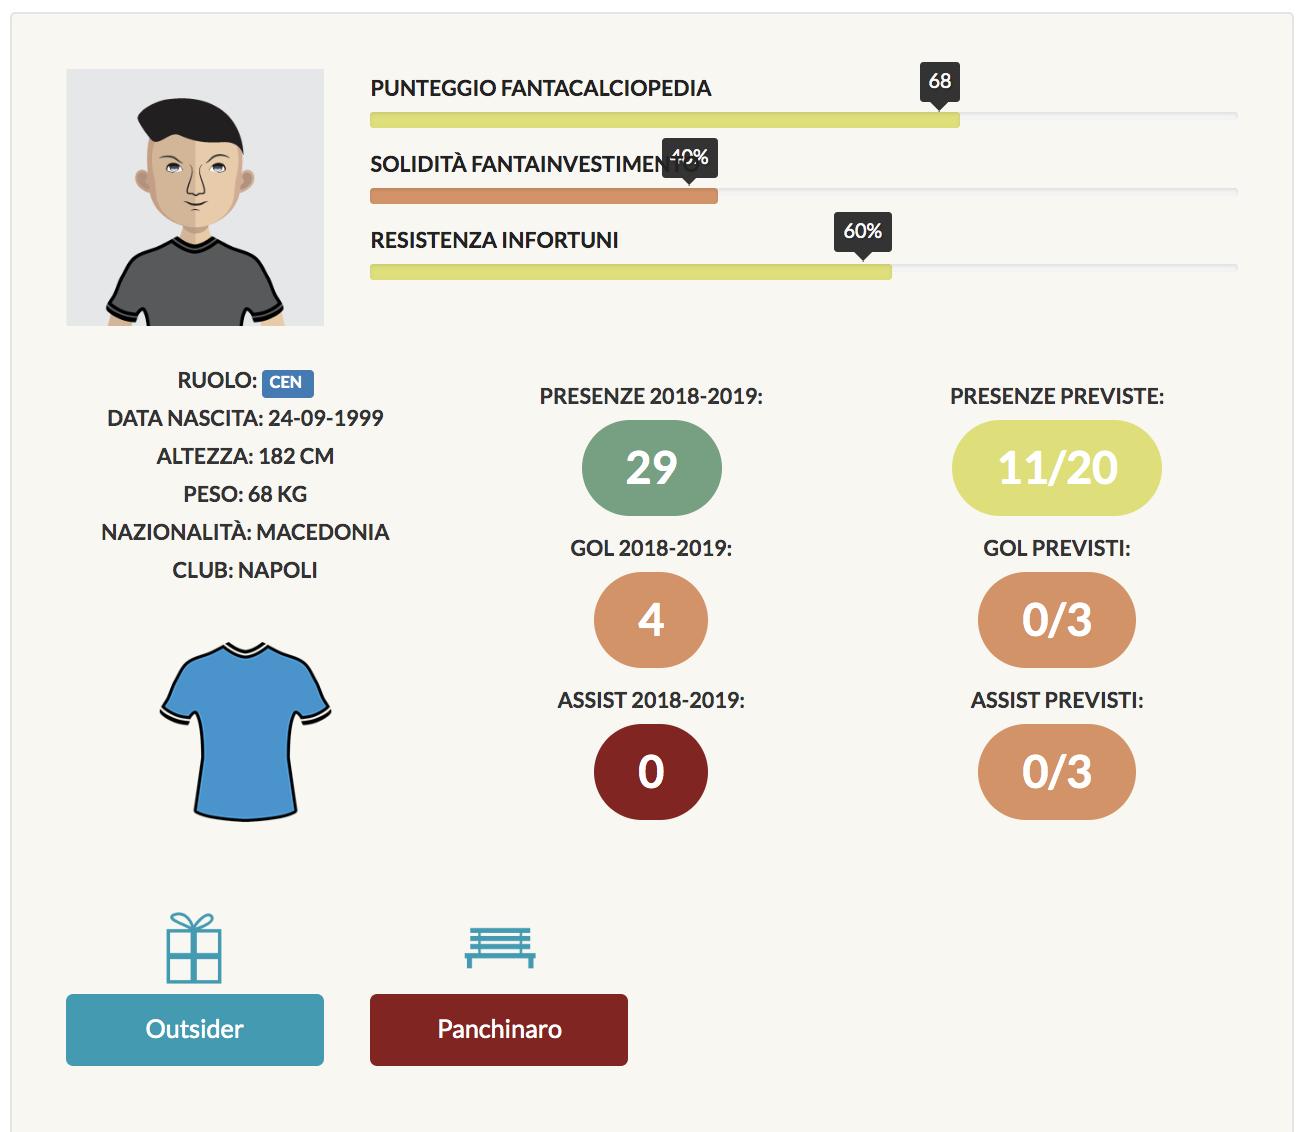 elmas infografica fantacalcistica 2019/20